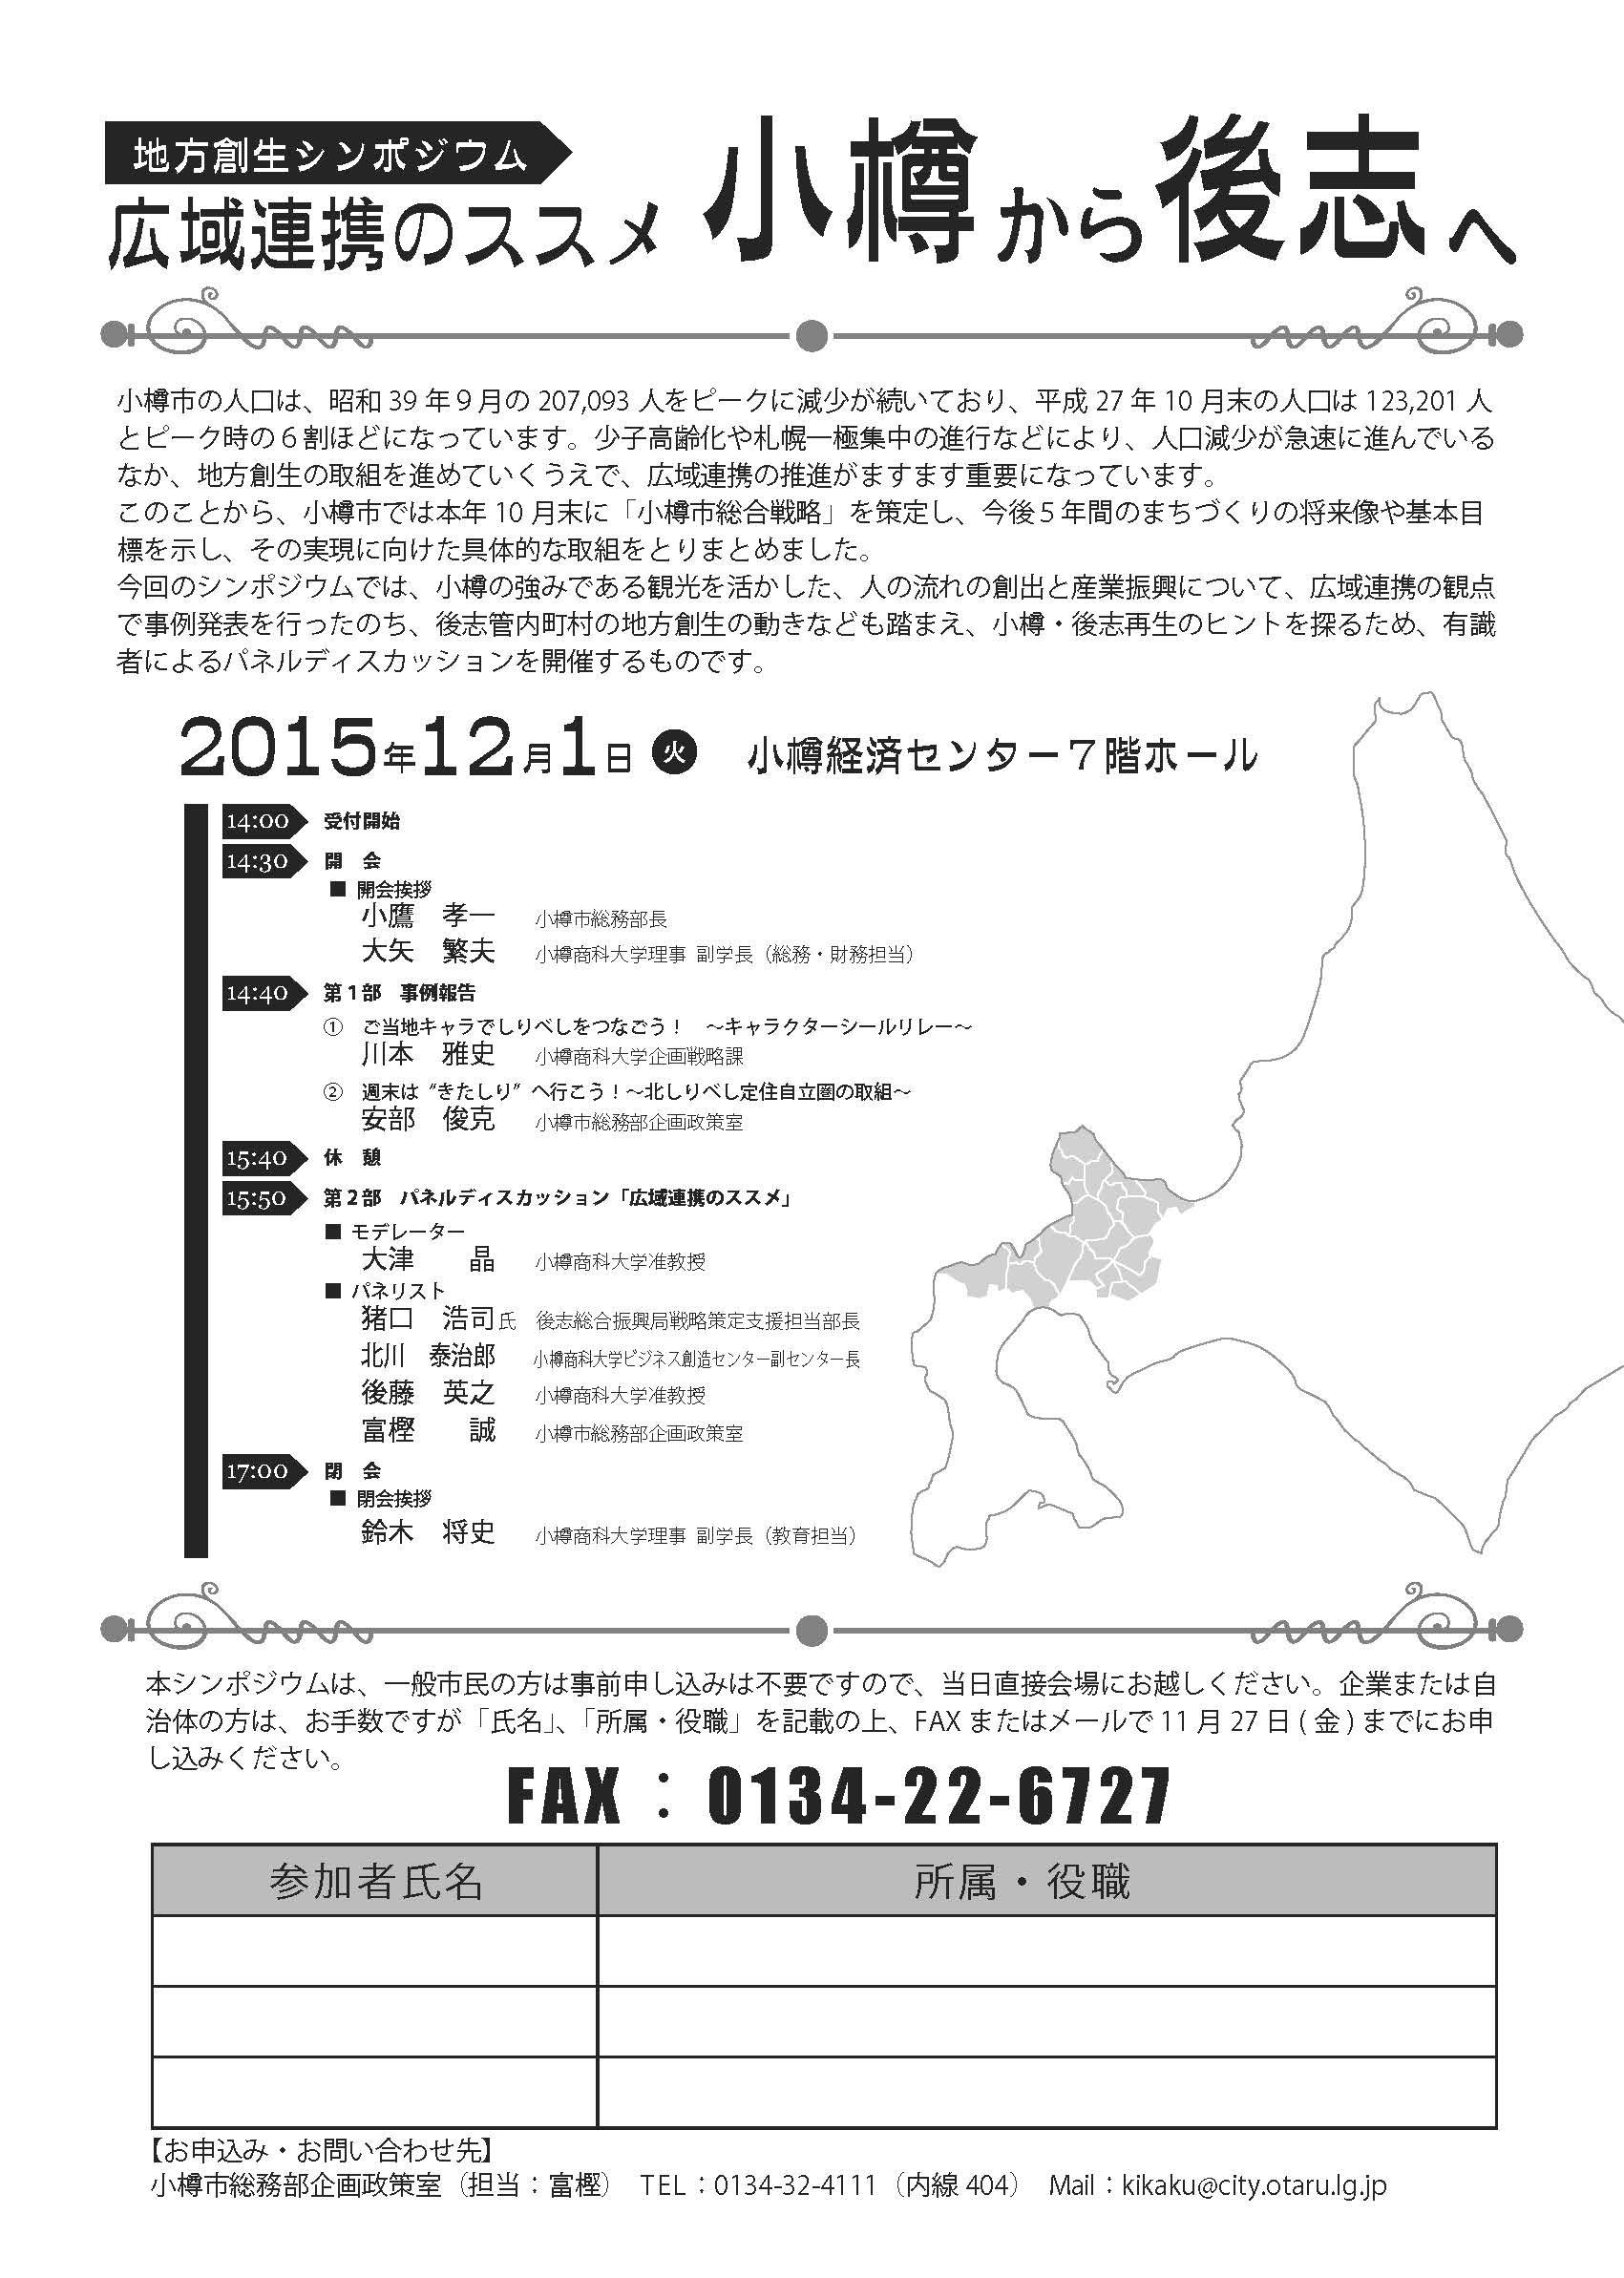 20151201sympo_2.jpg